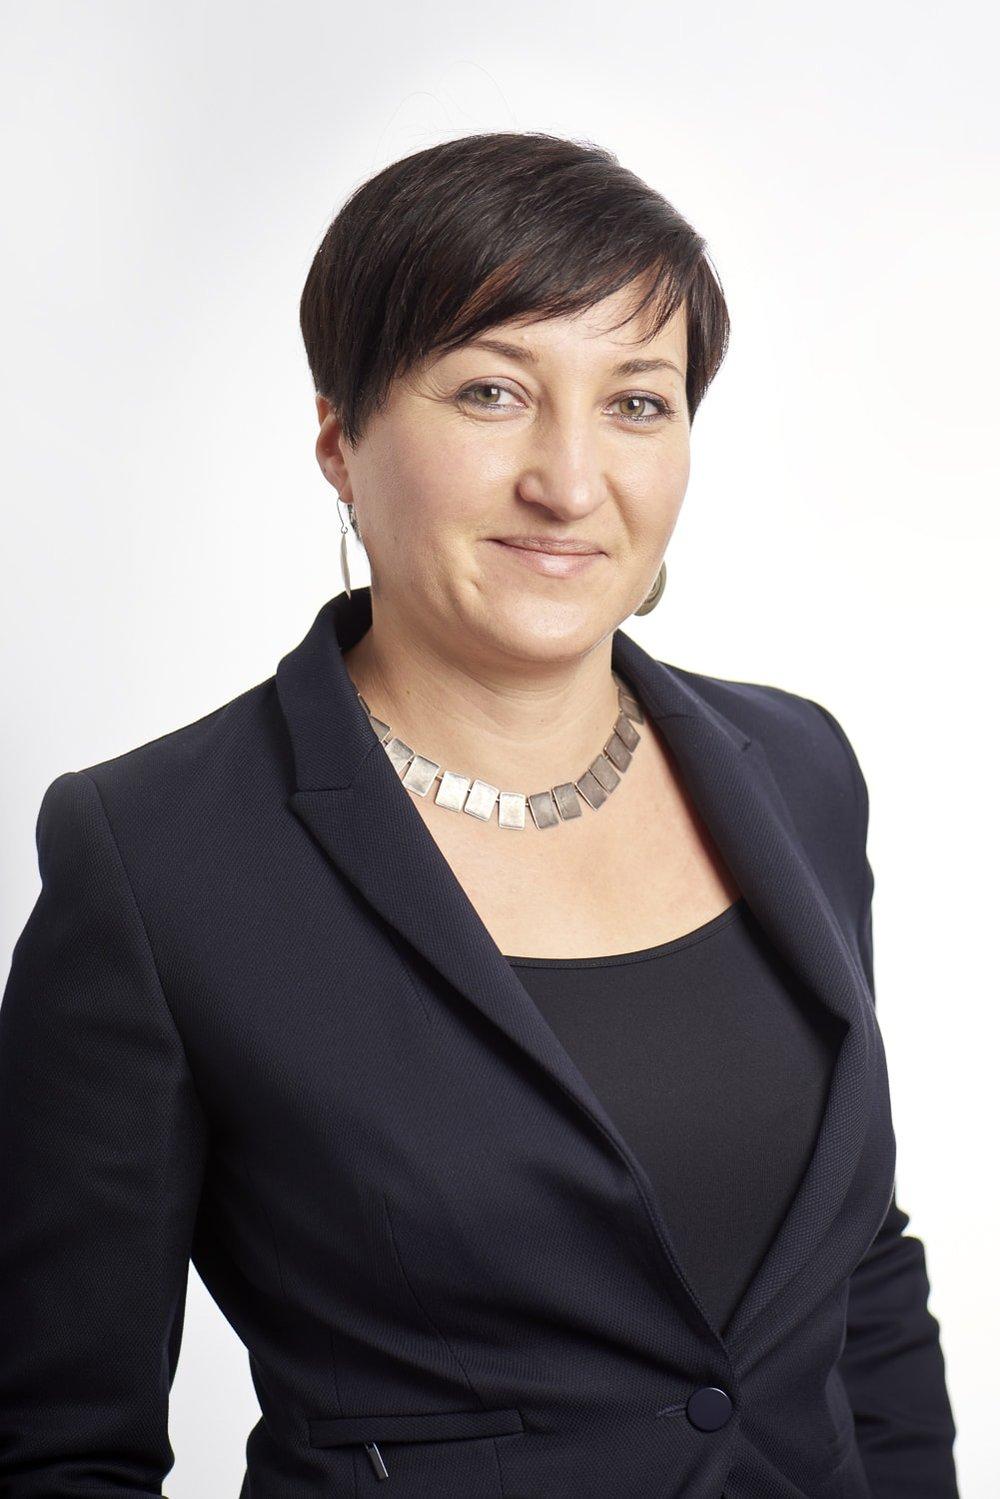 Anna Banach